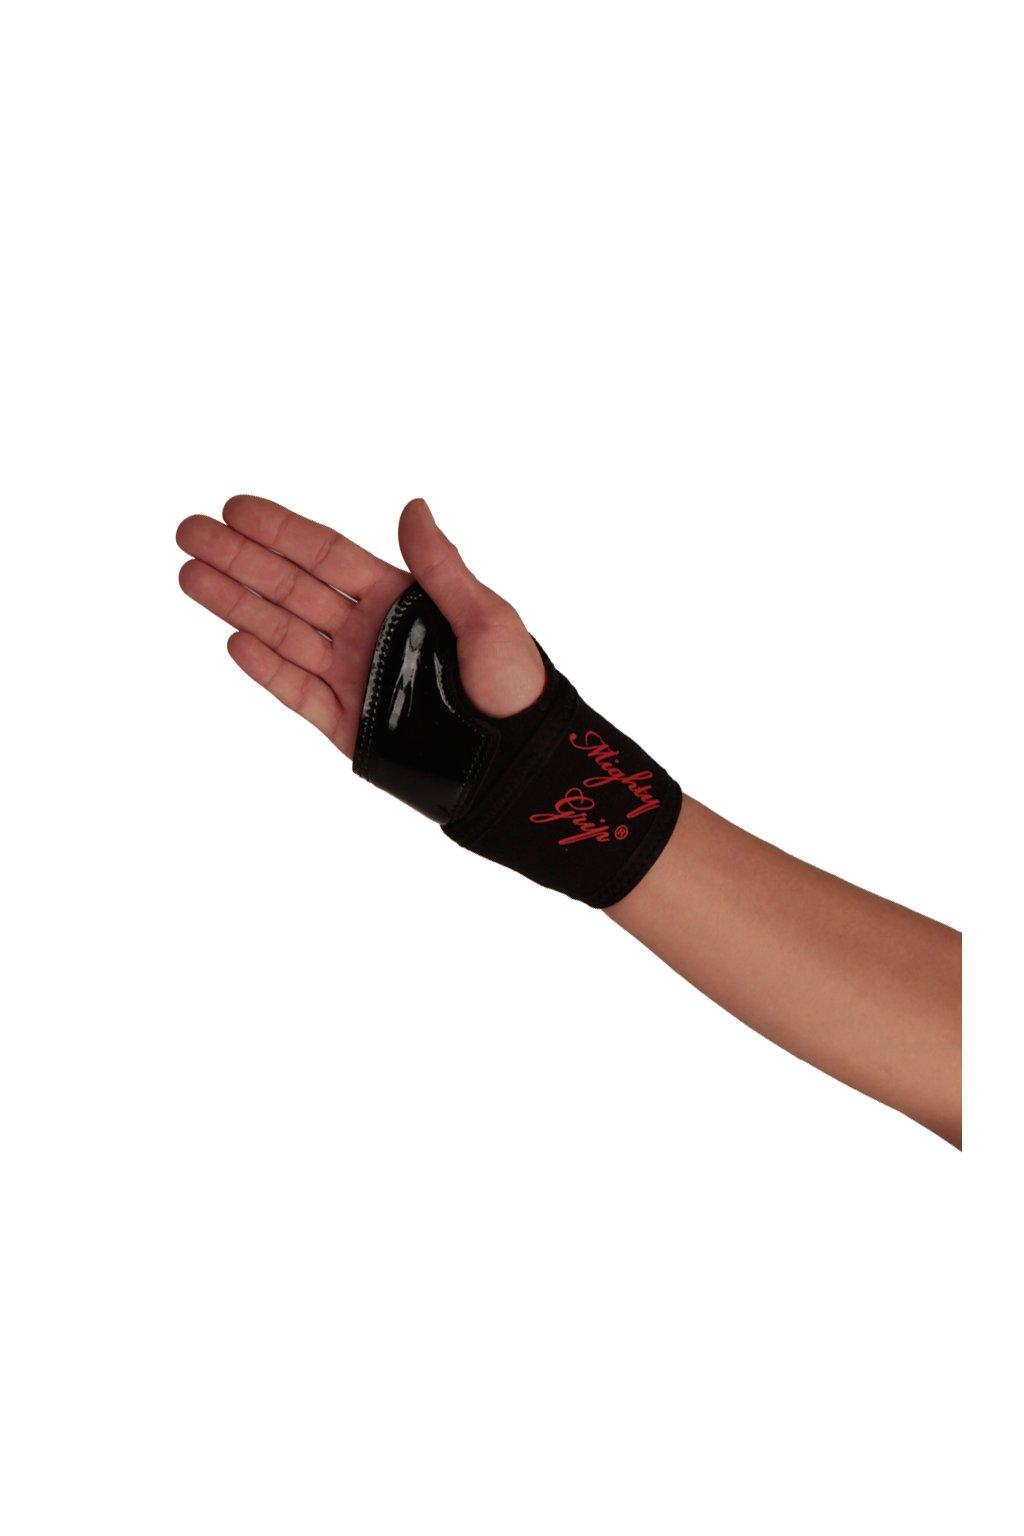 Podpora zápěstí a palce